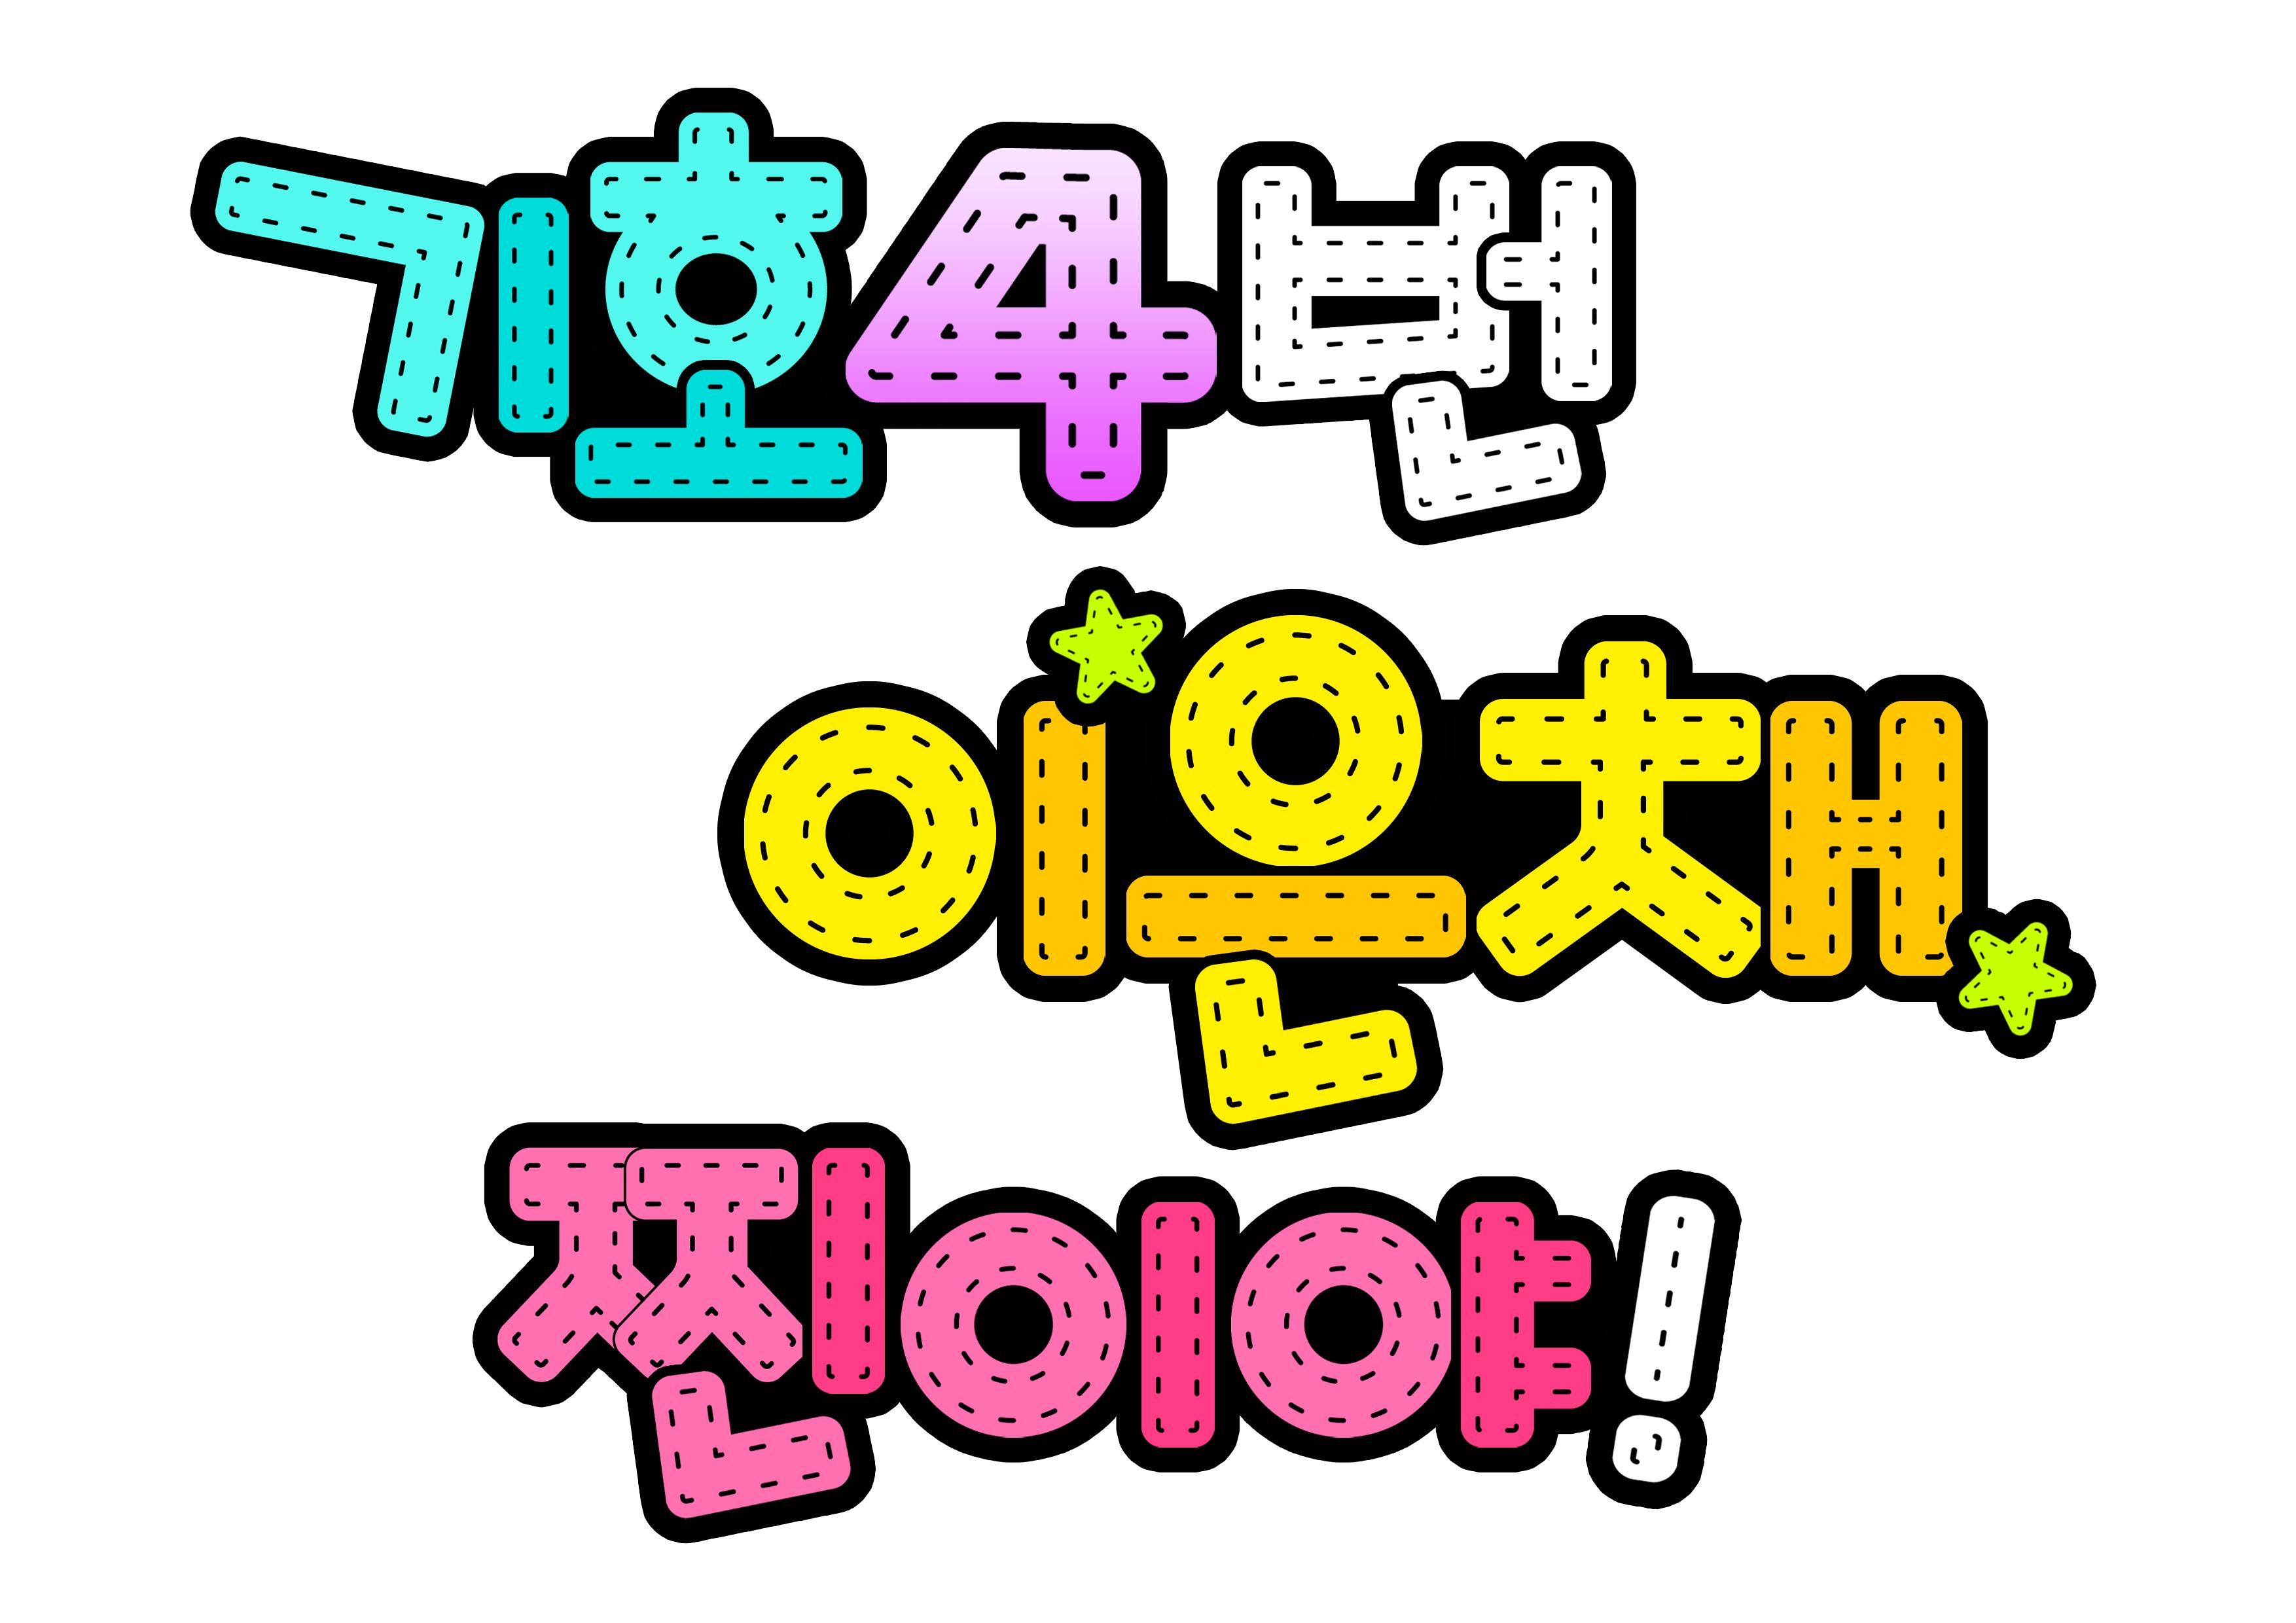 기호4번 이은채 찐이야!